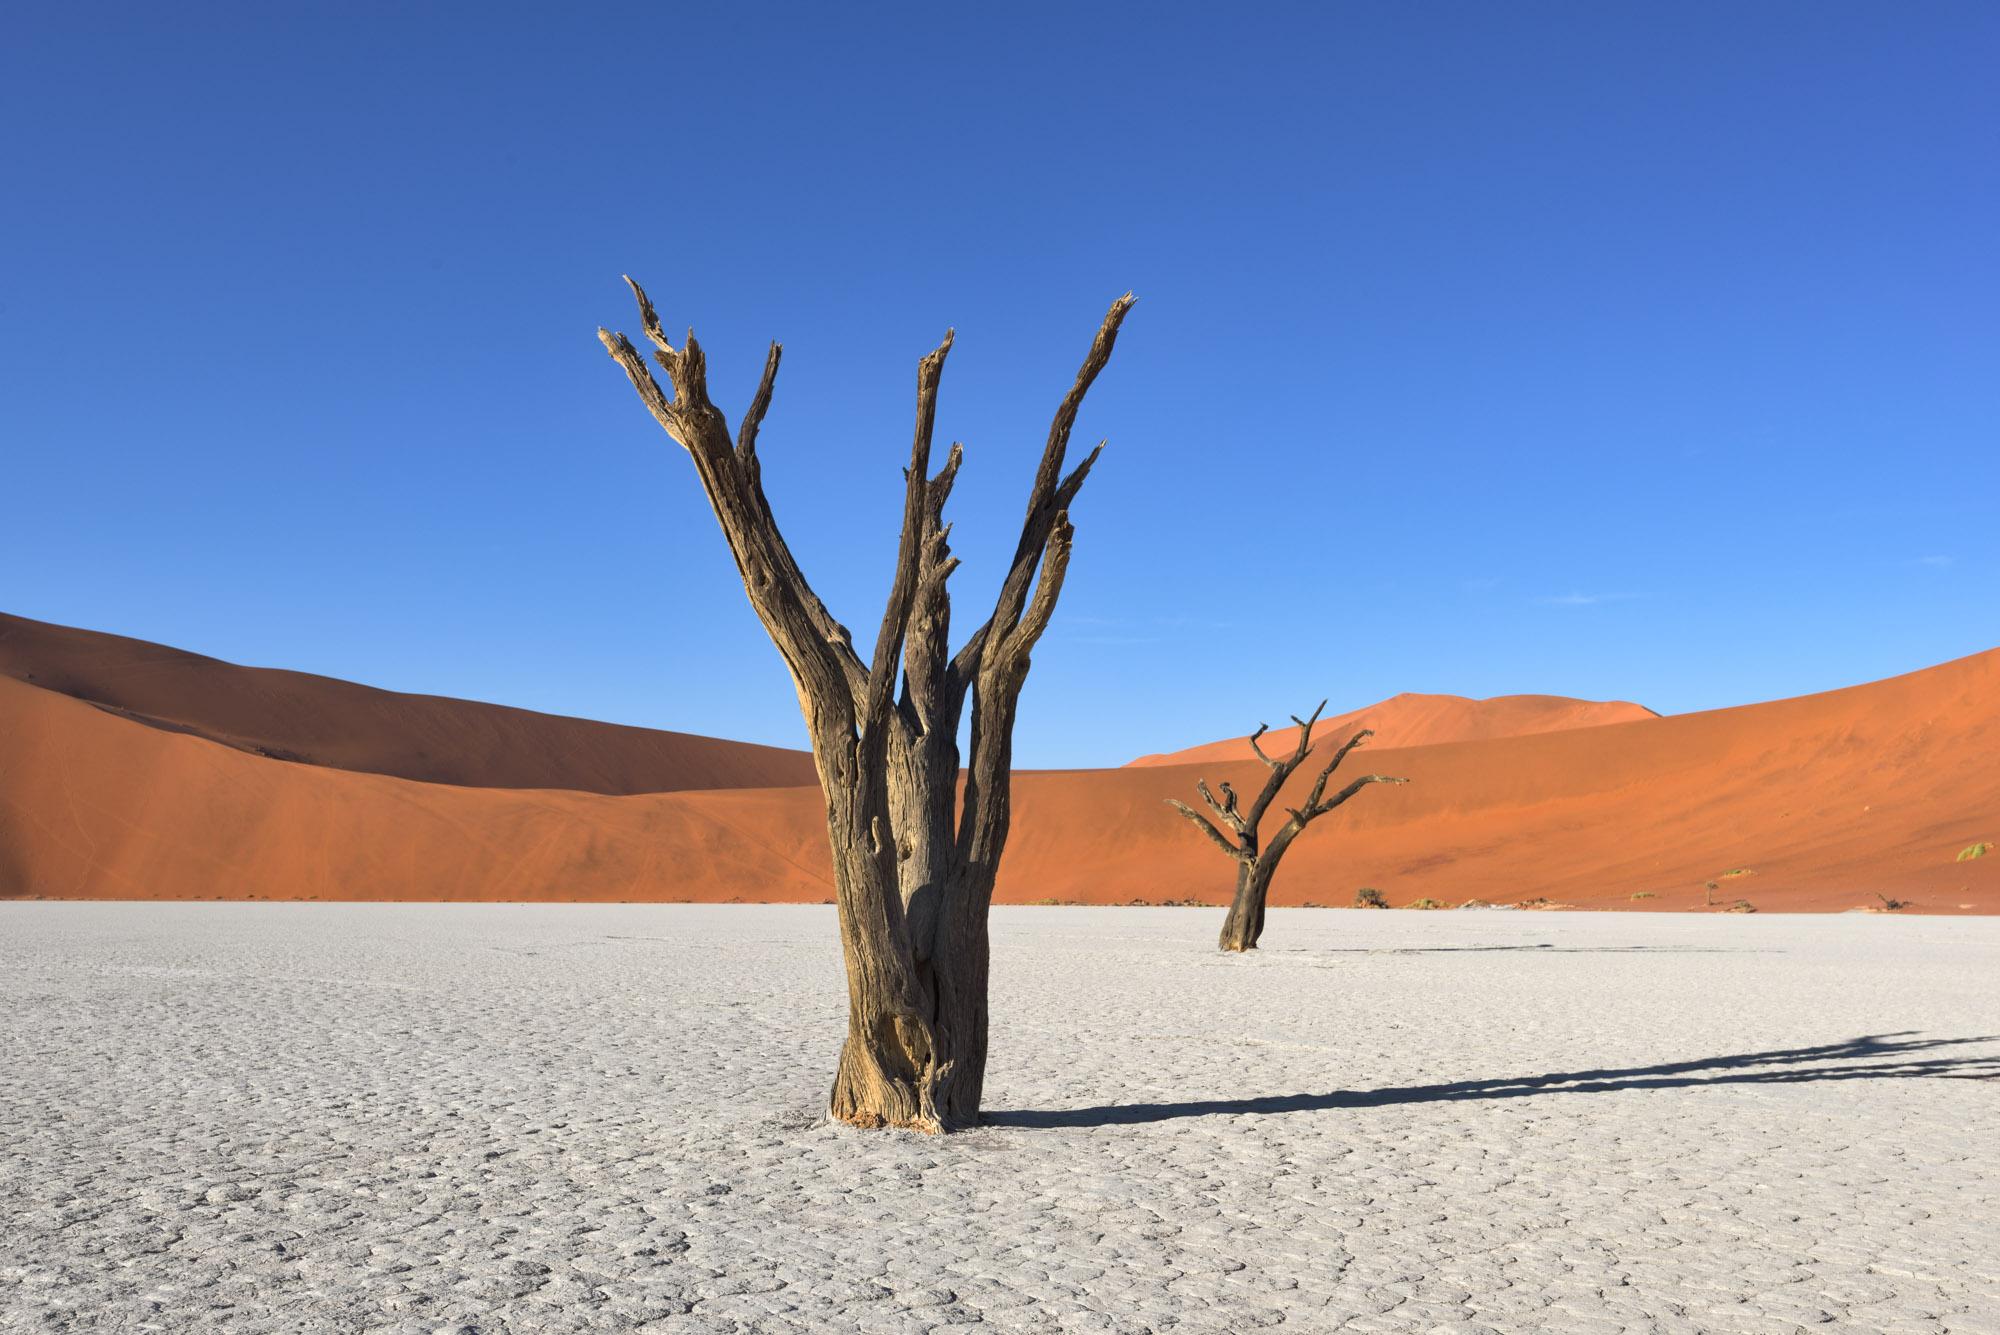 Dead Camelthorn Trees, Deadvlei, Sossusvlei, Namibia